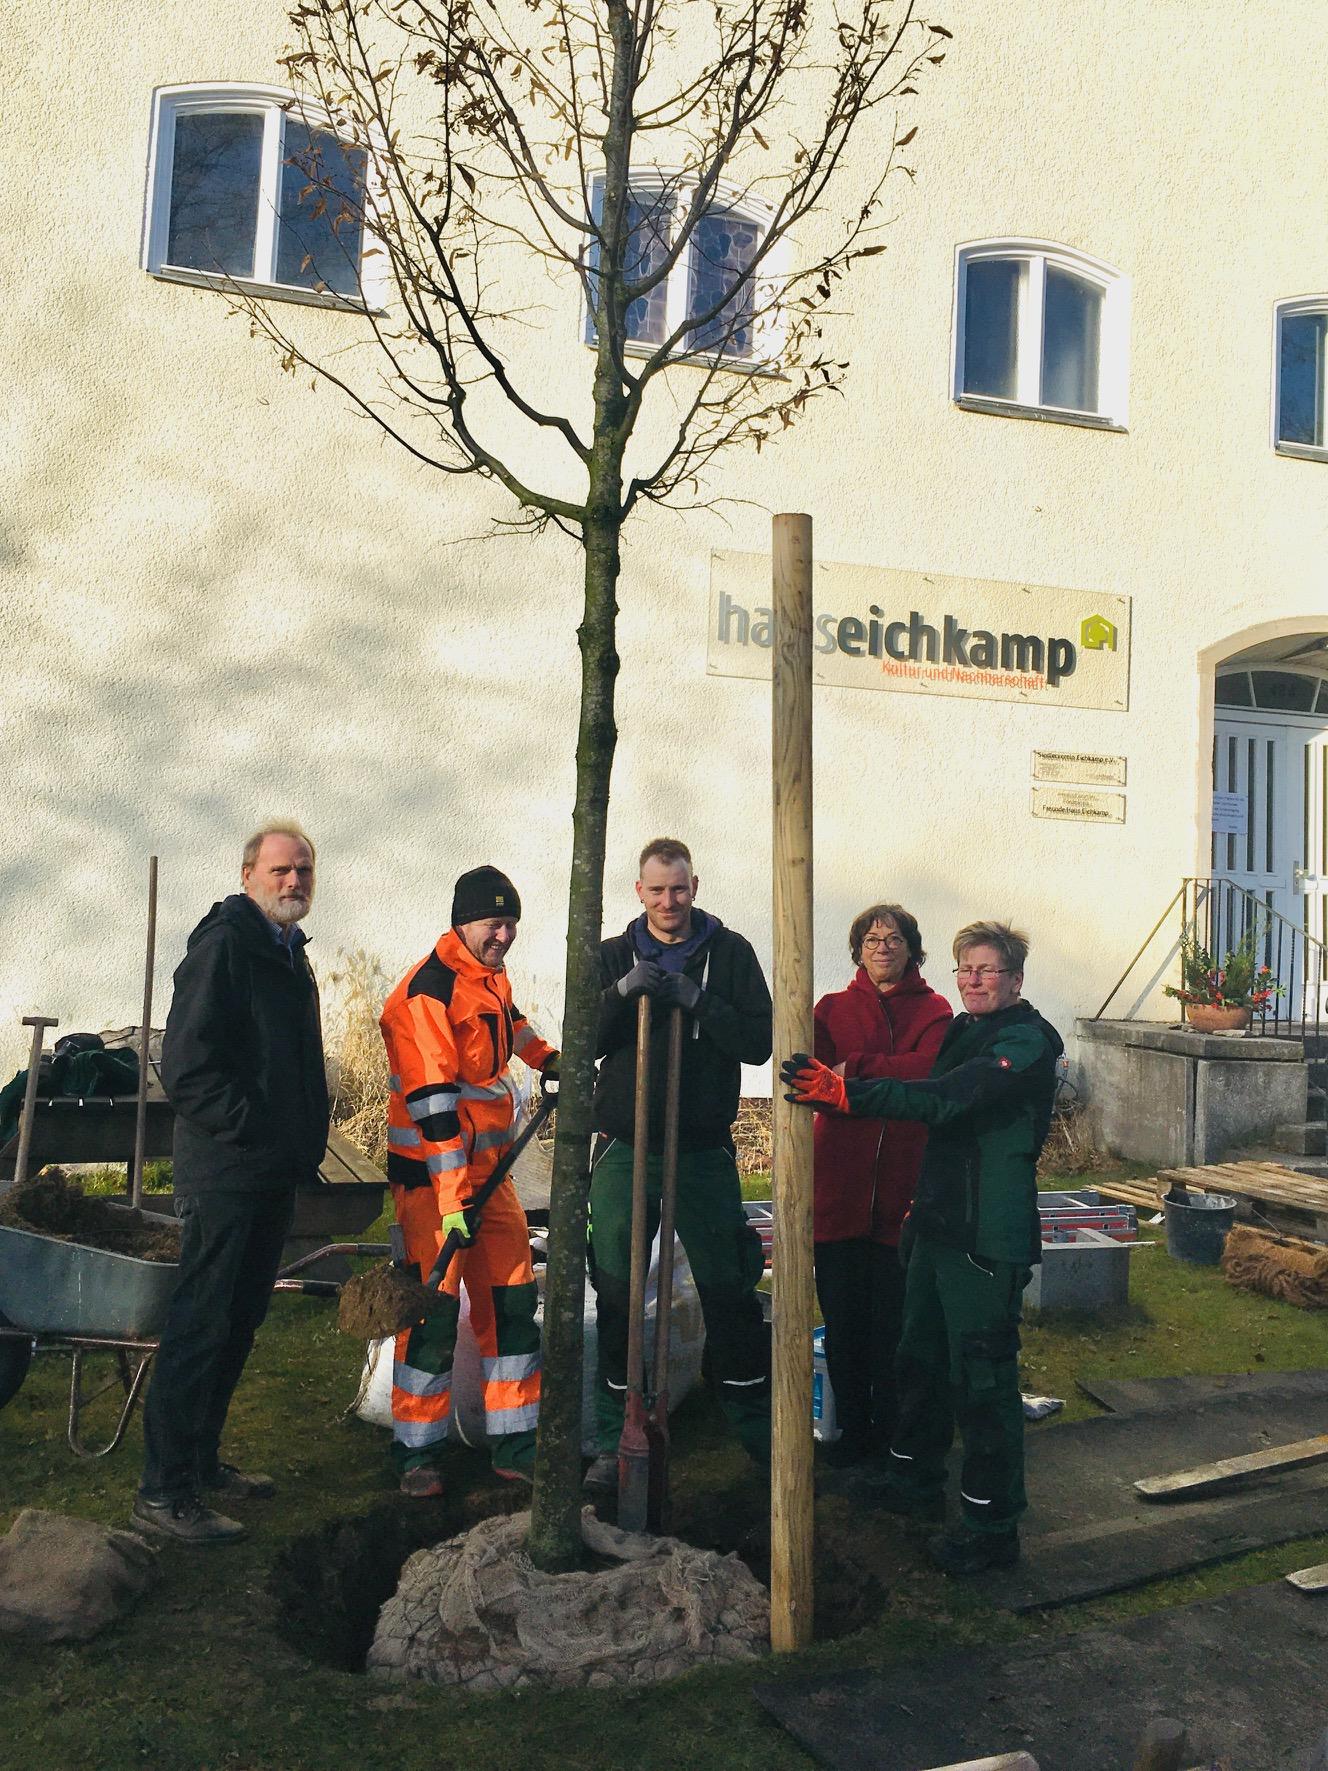 Ein neuer Baum schmückt den Vorgarten vom Haus Eichkamp